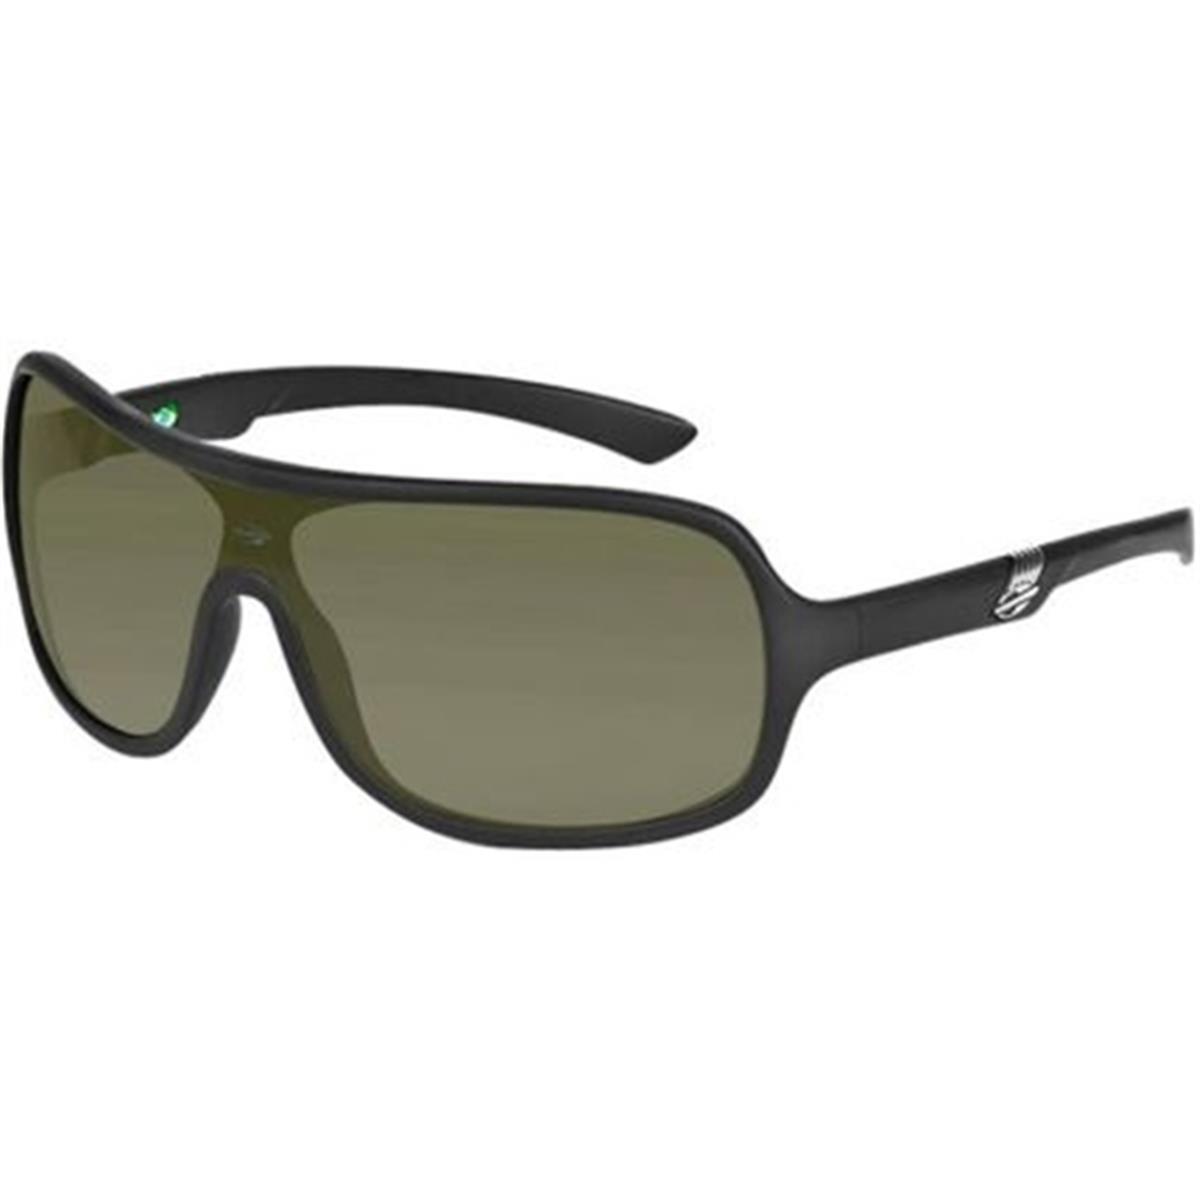 Óculos de Sol Preto Fosco Speranto Mormaii eb3e0ba8af